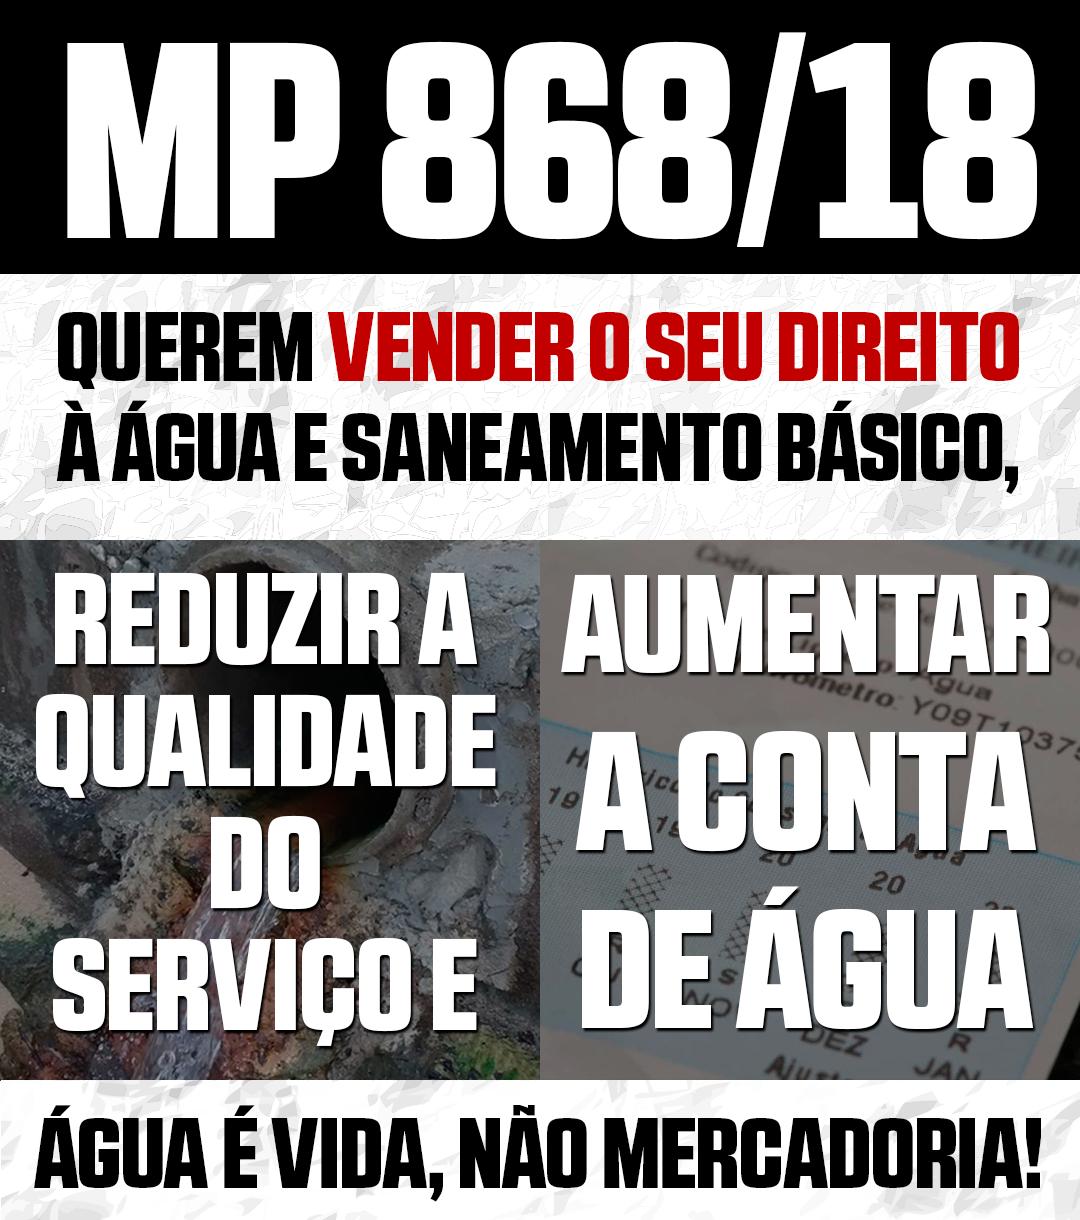 RESISTIREMOS CONTRA A VENDA DE NOSSOS DIREITOS!